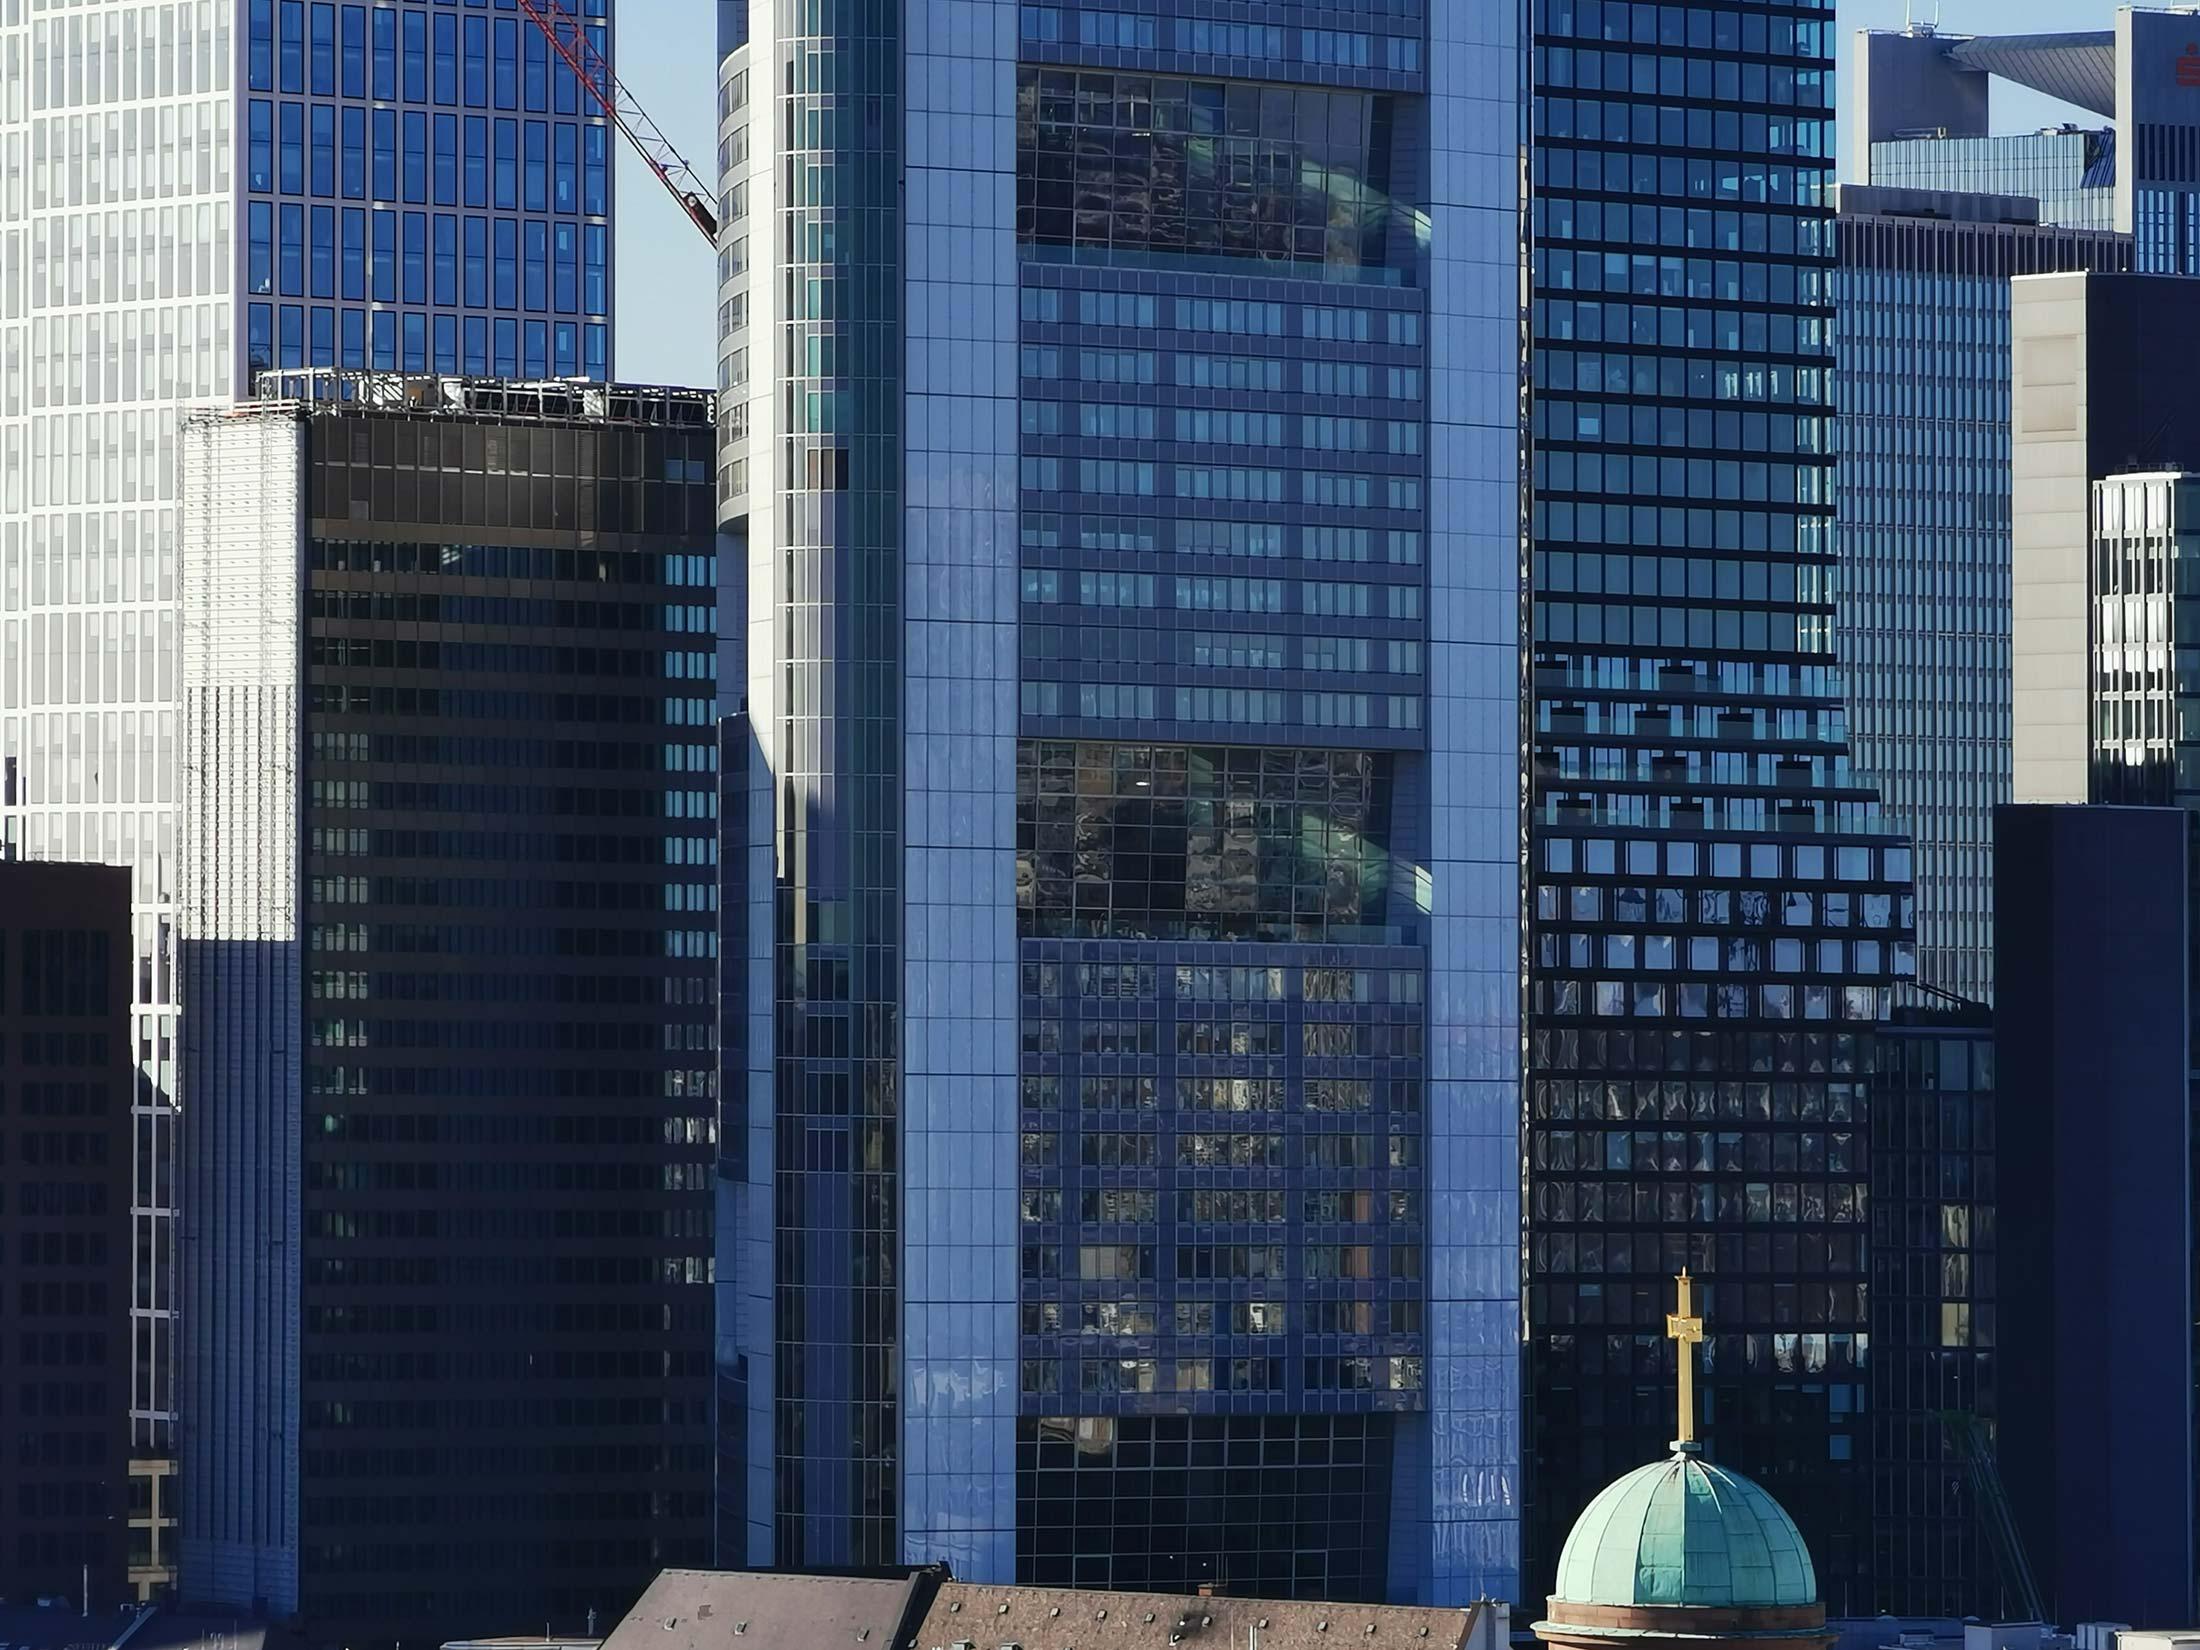 Bankenviertel Frankfurt - Hohe Dichte an Baumassen - Straßenschluchten - Hochhausschluchten